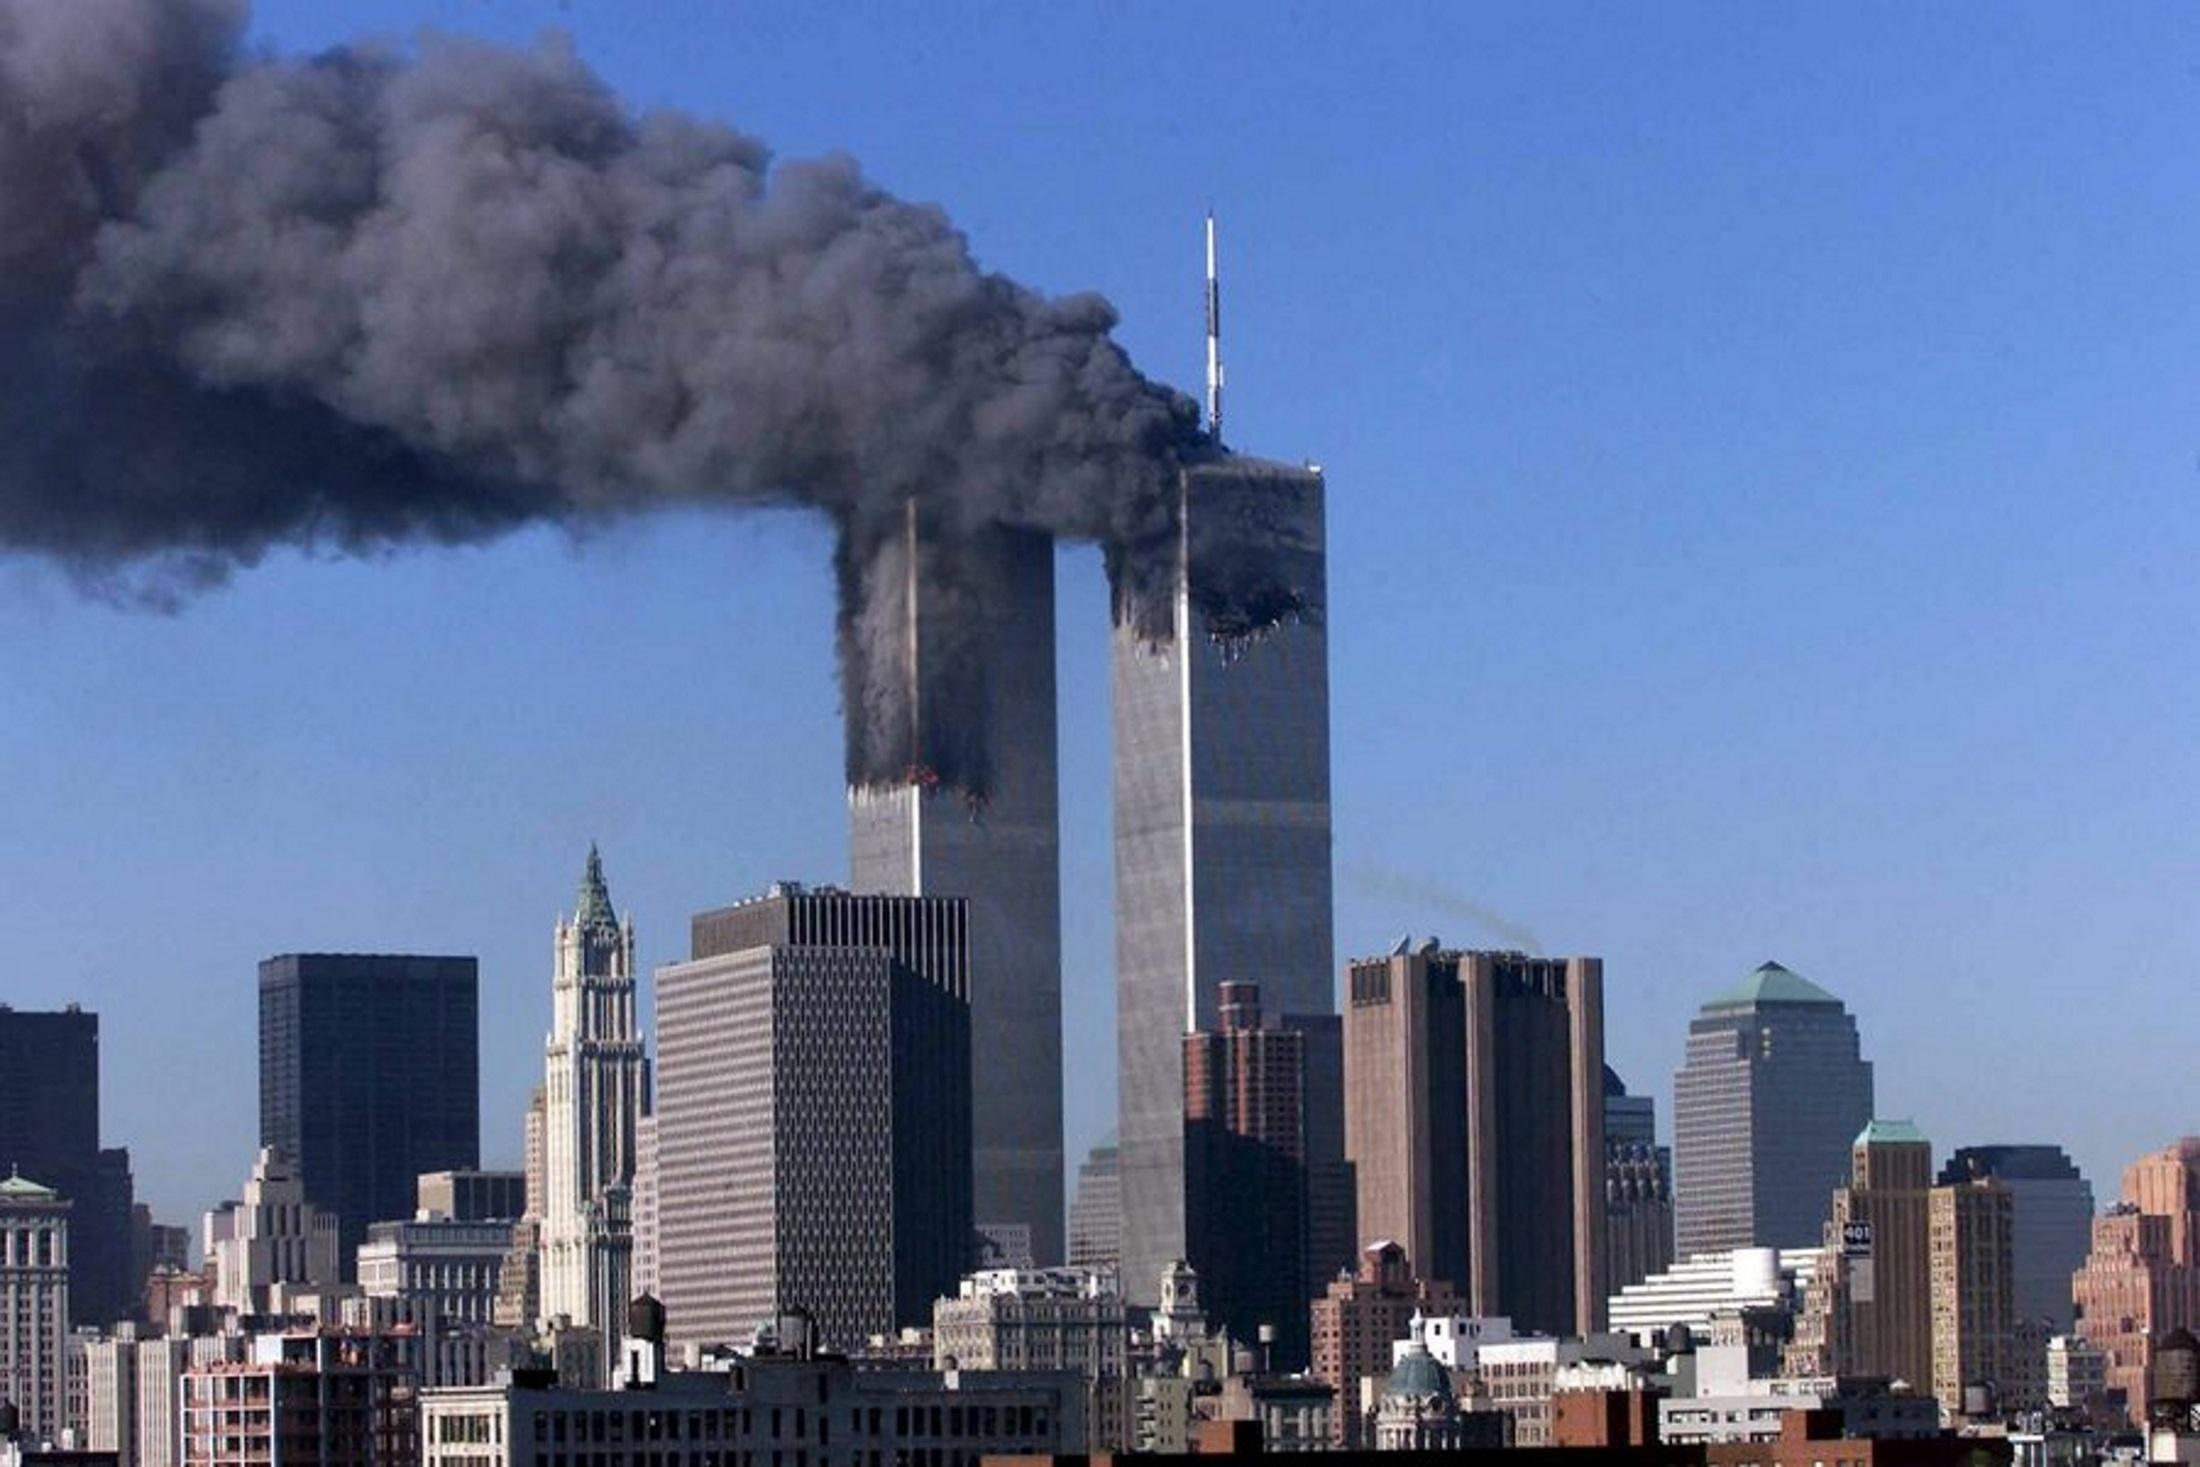 11η Σεπτεμβρίου: Μετά από 20 χρόνια αναγνωρίστηκαν δύο θύματα της επίθεσης στους Δίδυμους Πύργους